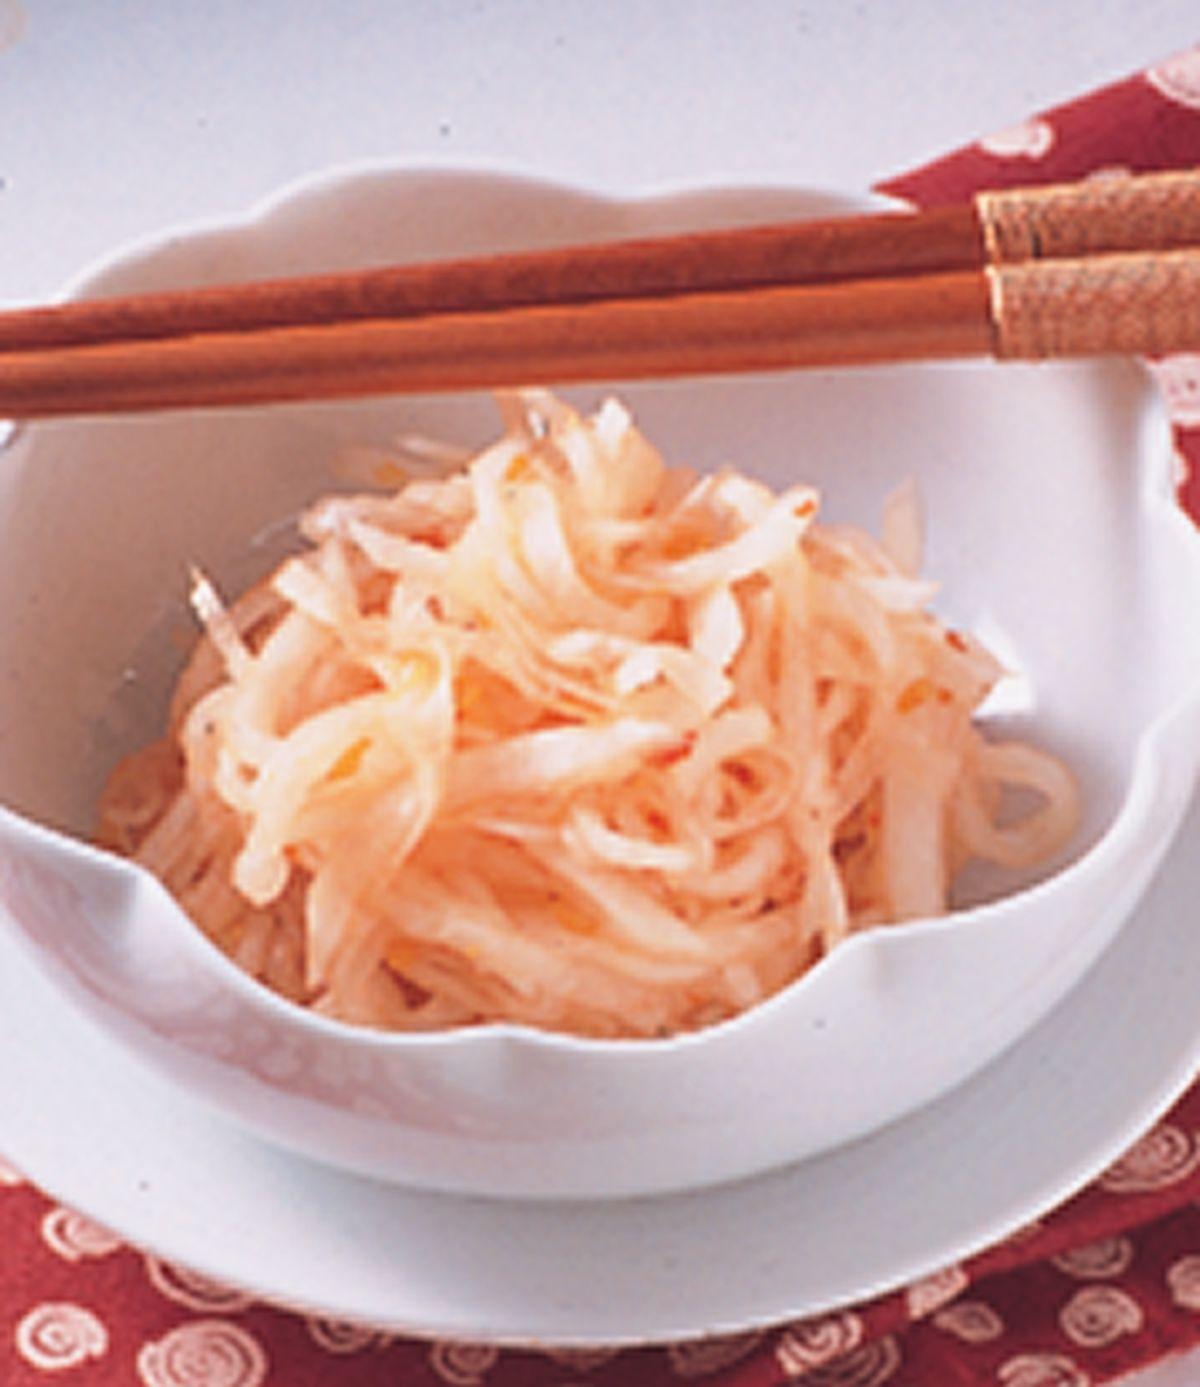 食譜:酸辣蘿蔔絲